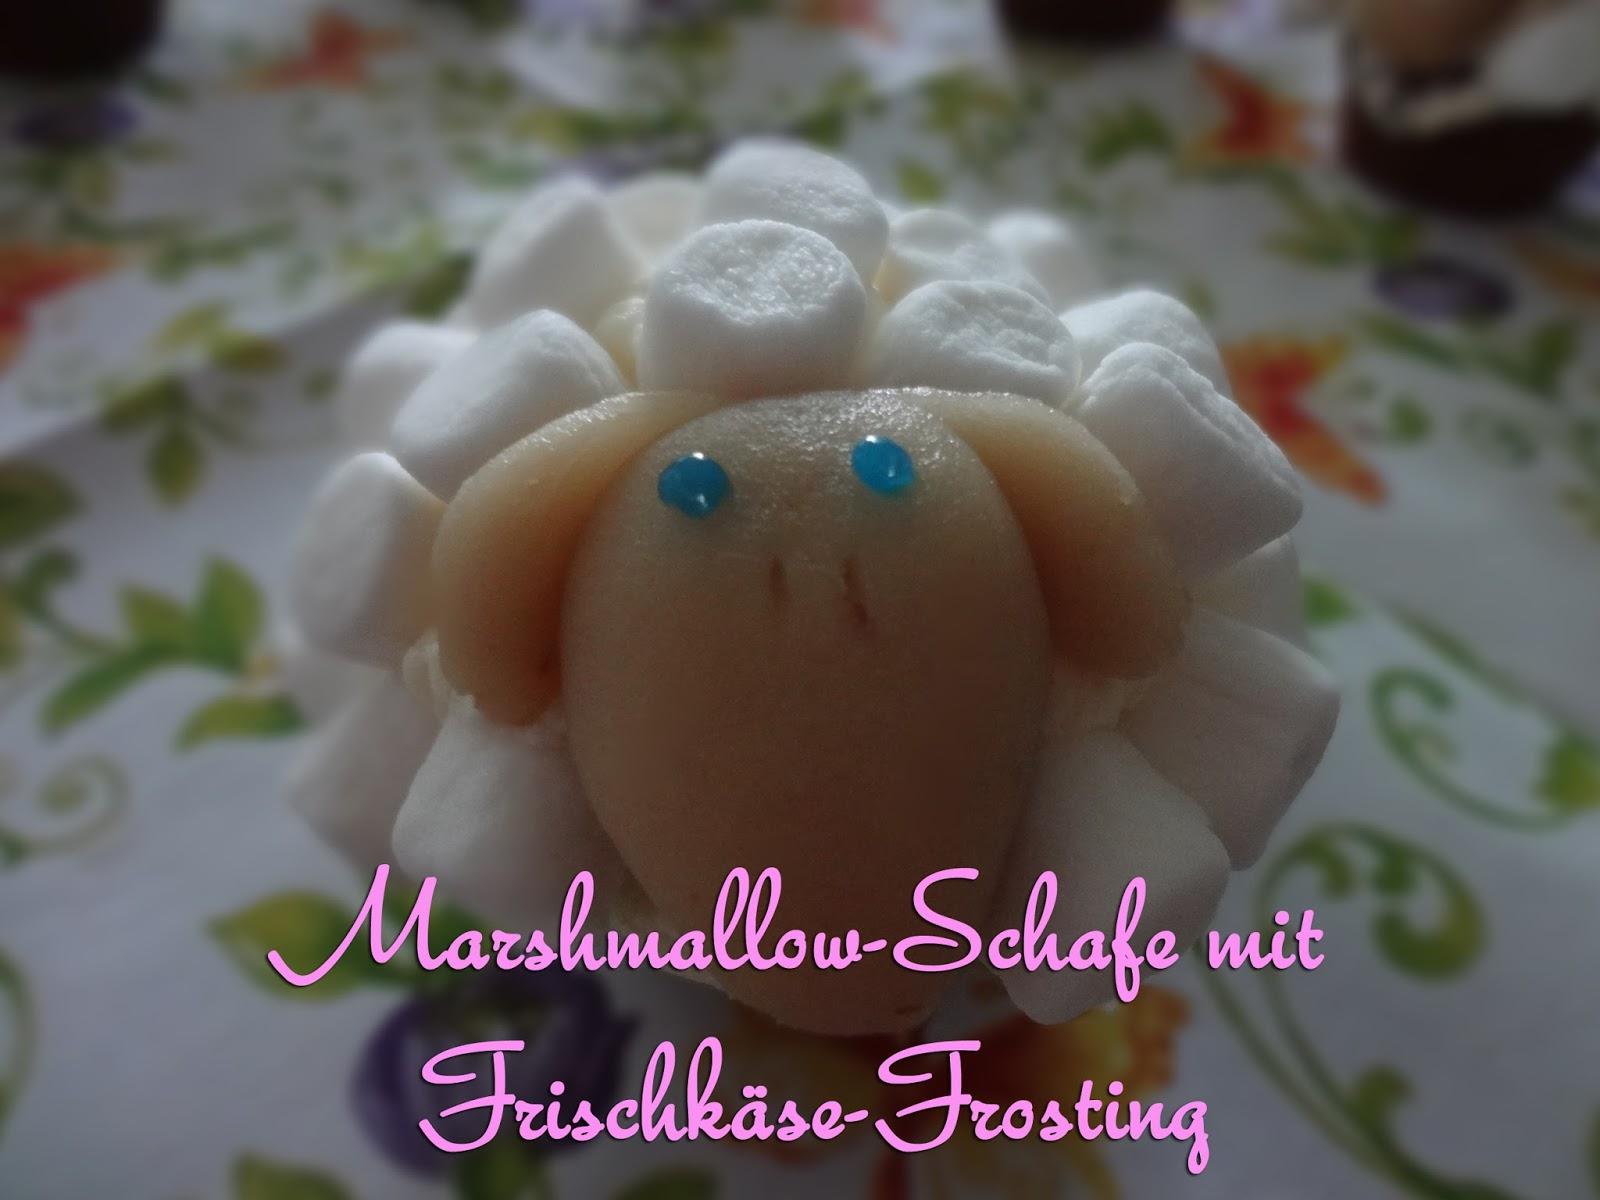 Marshmallow-Schafe mit Frischkäse-Frosting